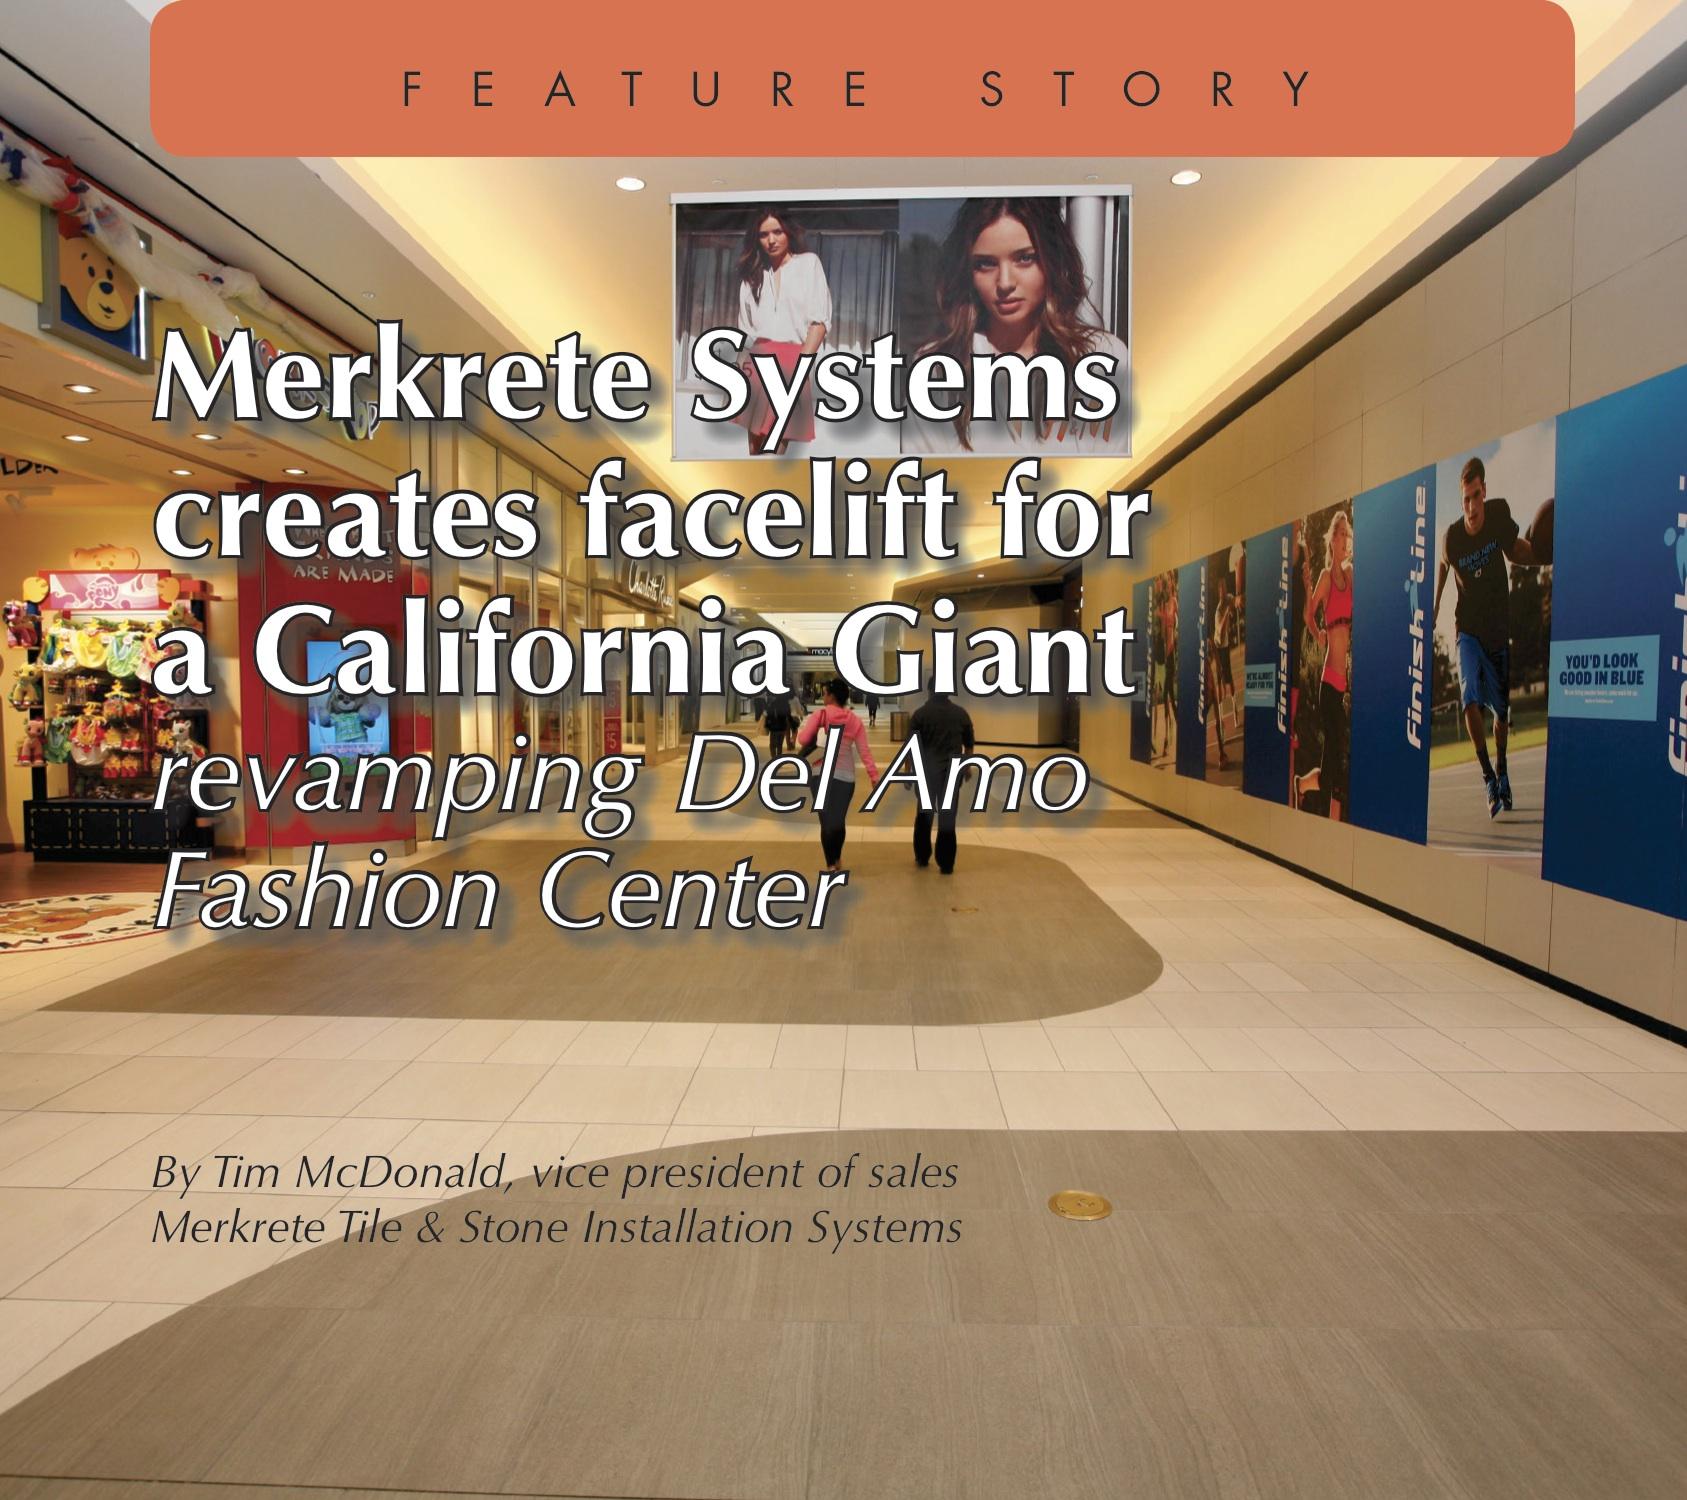 merkrete systems feature revamping del amo fashion merkrete feature